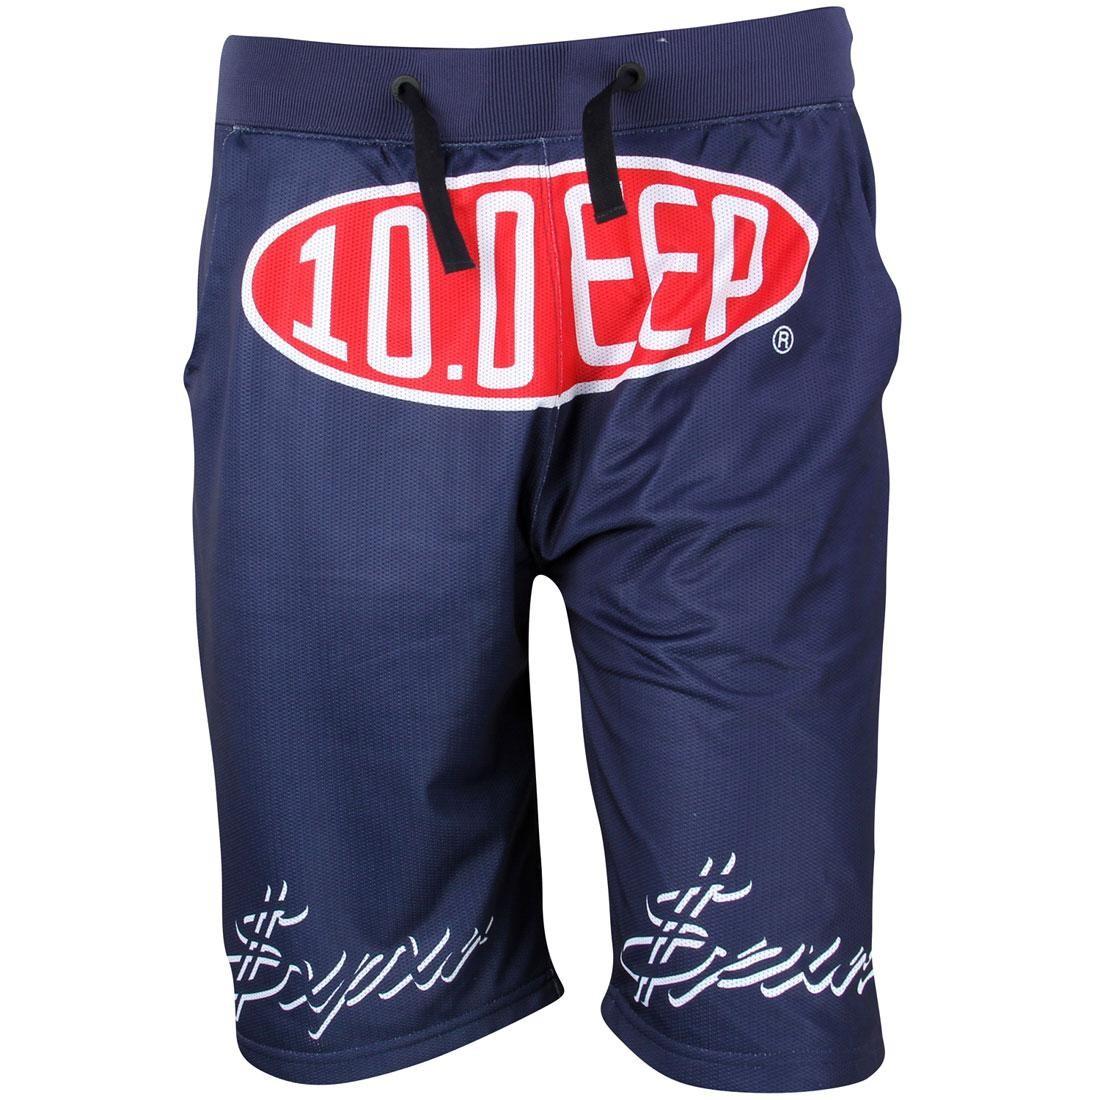 テンディープ 10 DEEP ディープ ショーツ ハーフパンツ 紺 ネイビー 【 NAVY 10 DEEP MEN SPEEDWAY MESH SHORTS 】 メンズファッション ズボン パンツ